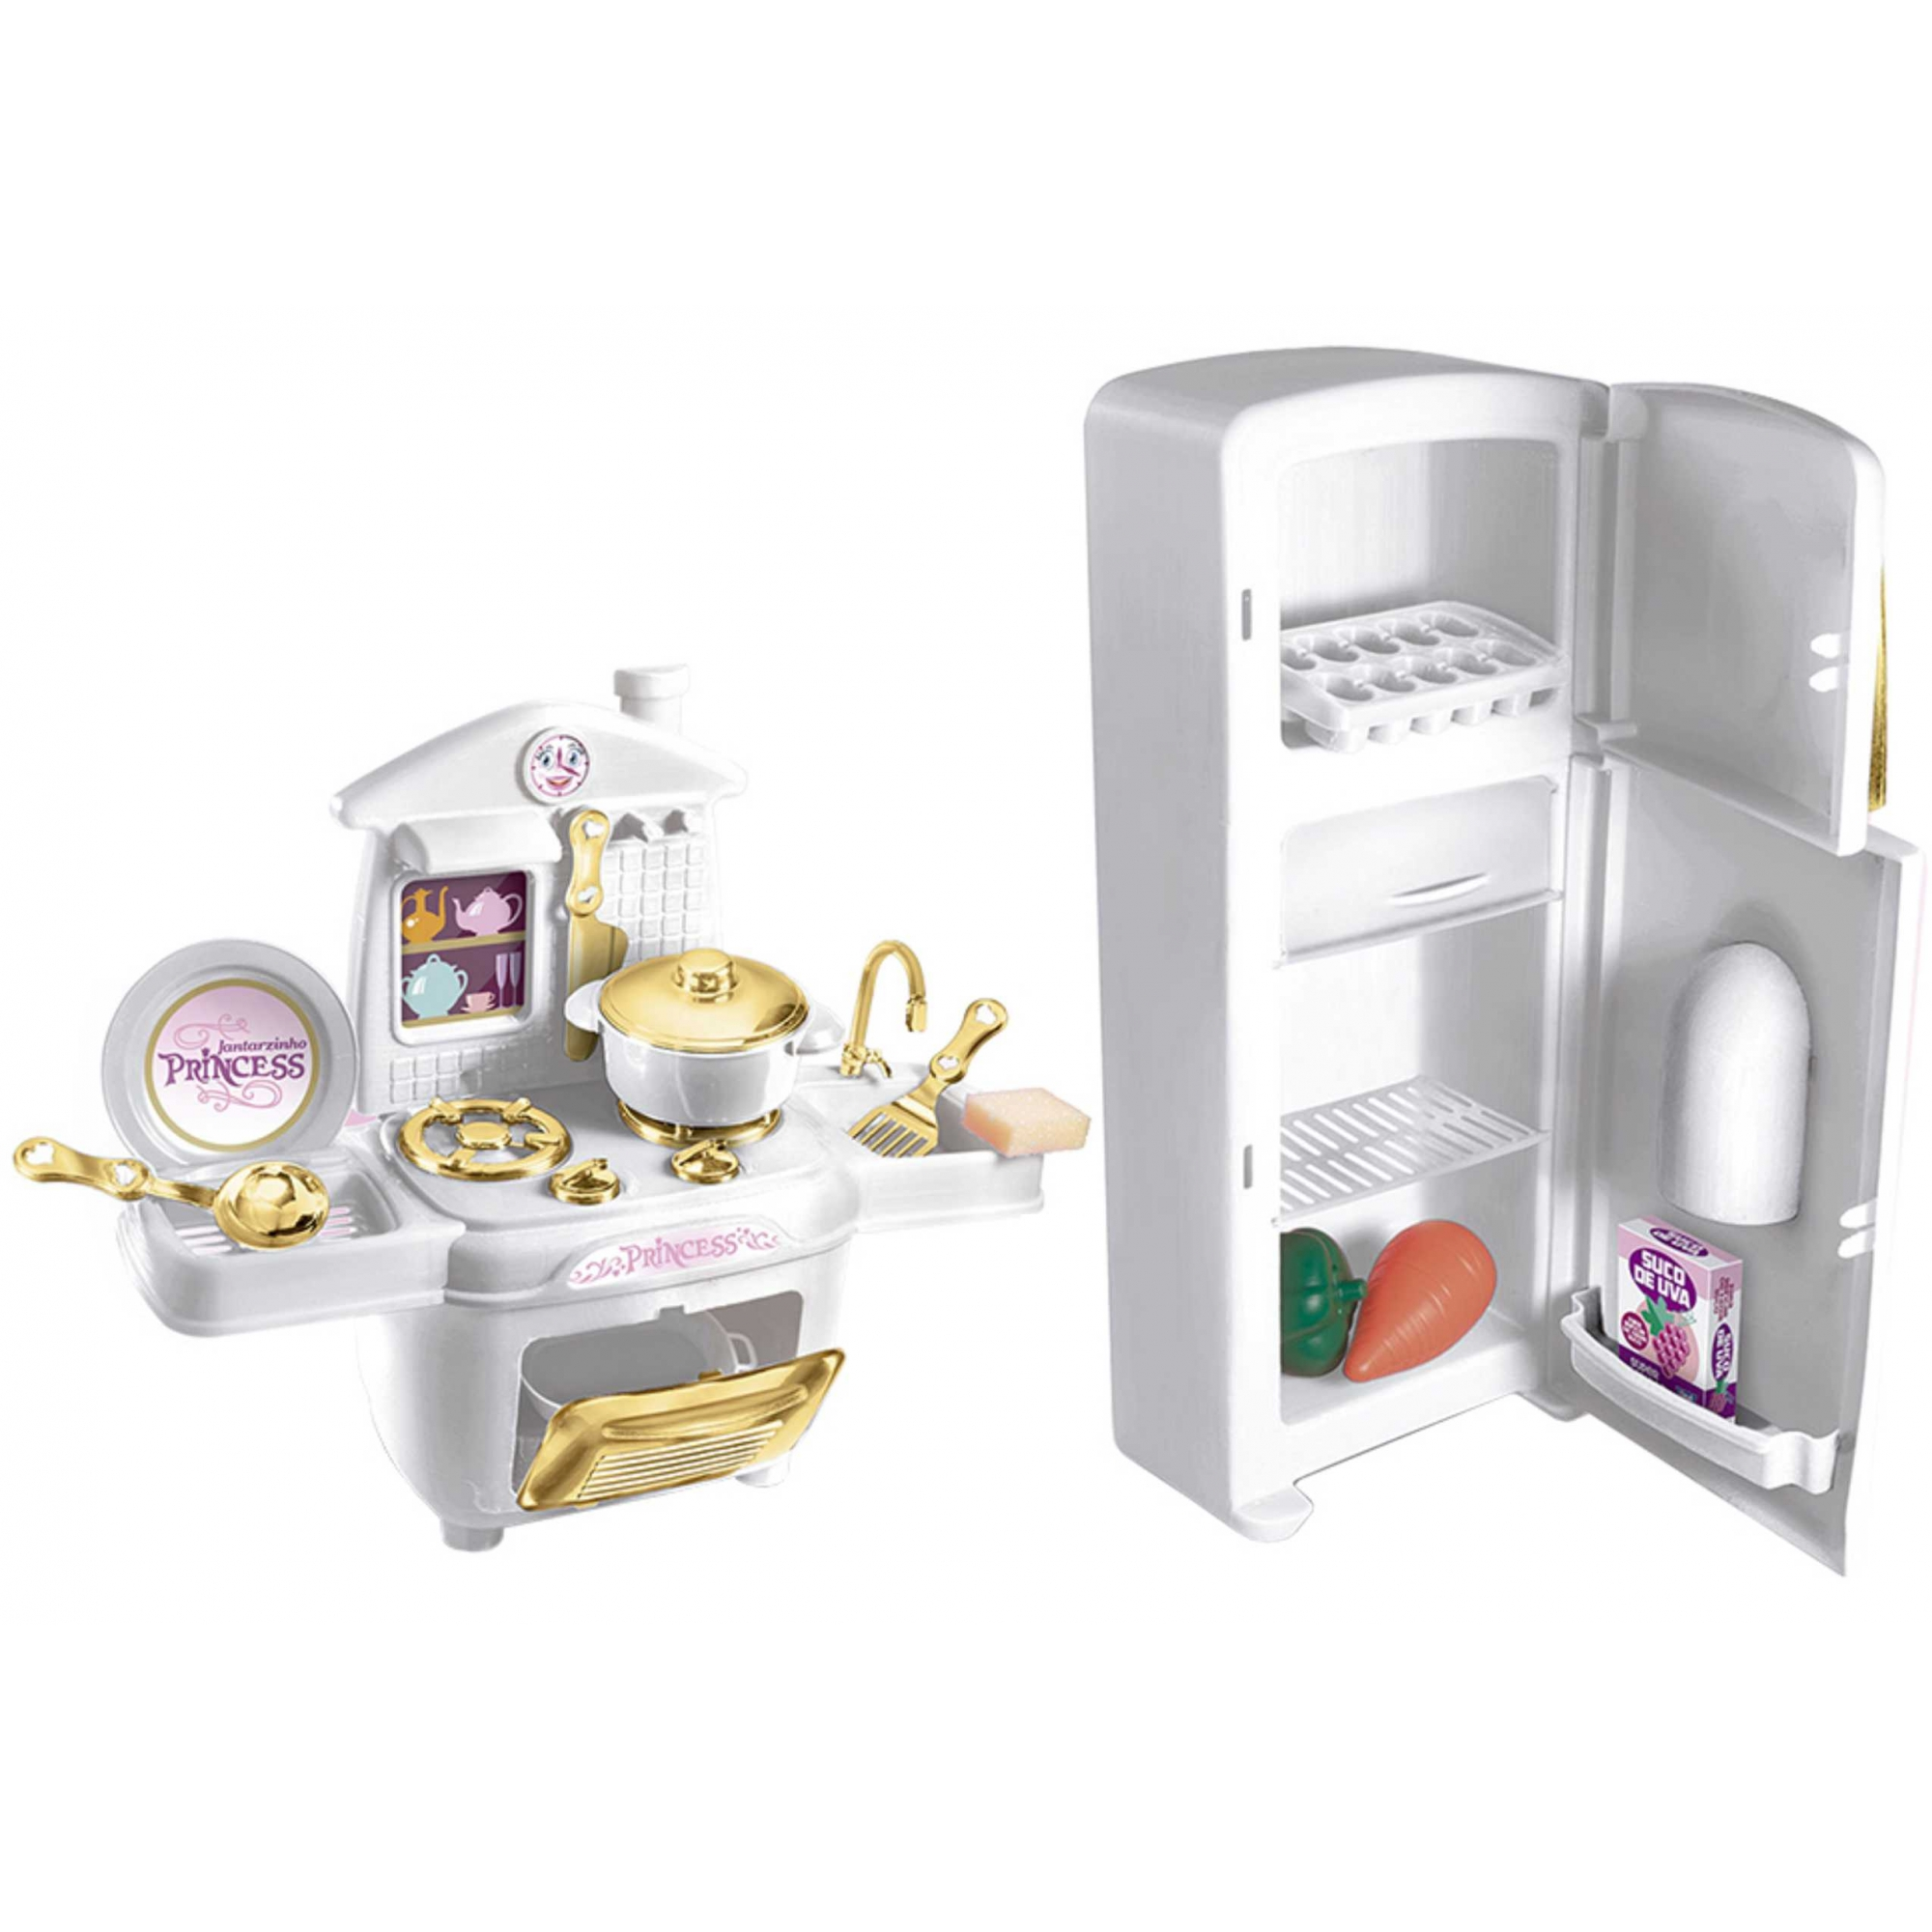 Kit Cozinha Infantil Com Geladeira+Fogao E Acessorios Princess Deluxe - Zuca Toys